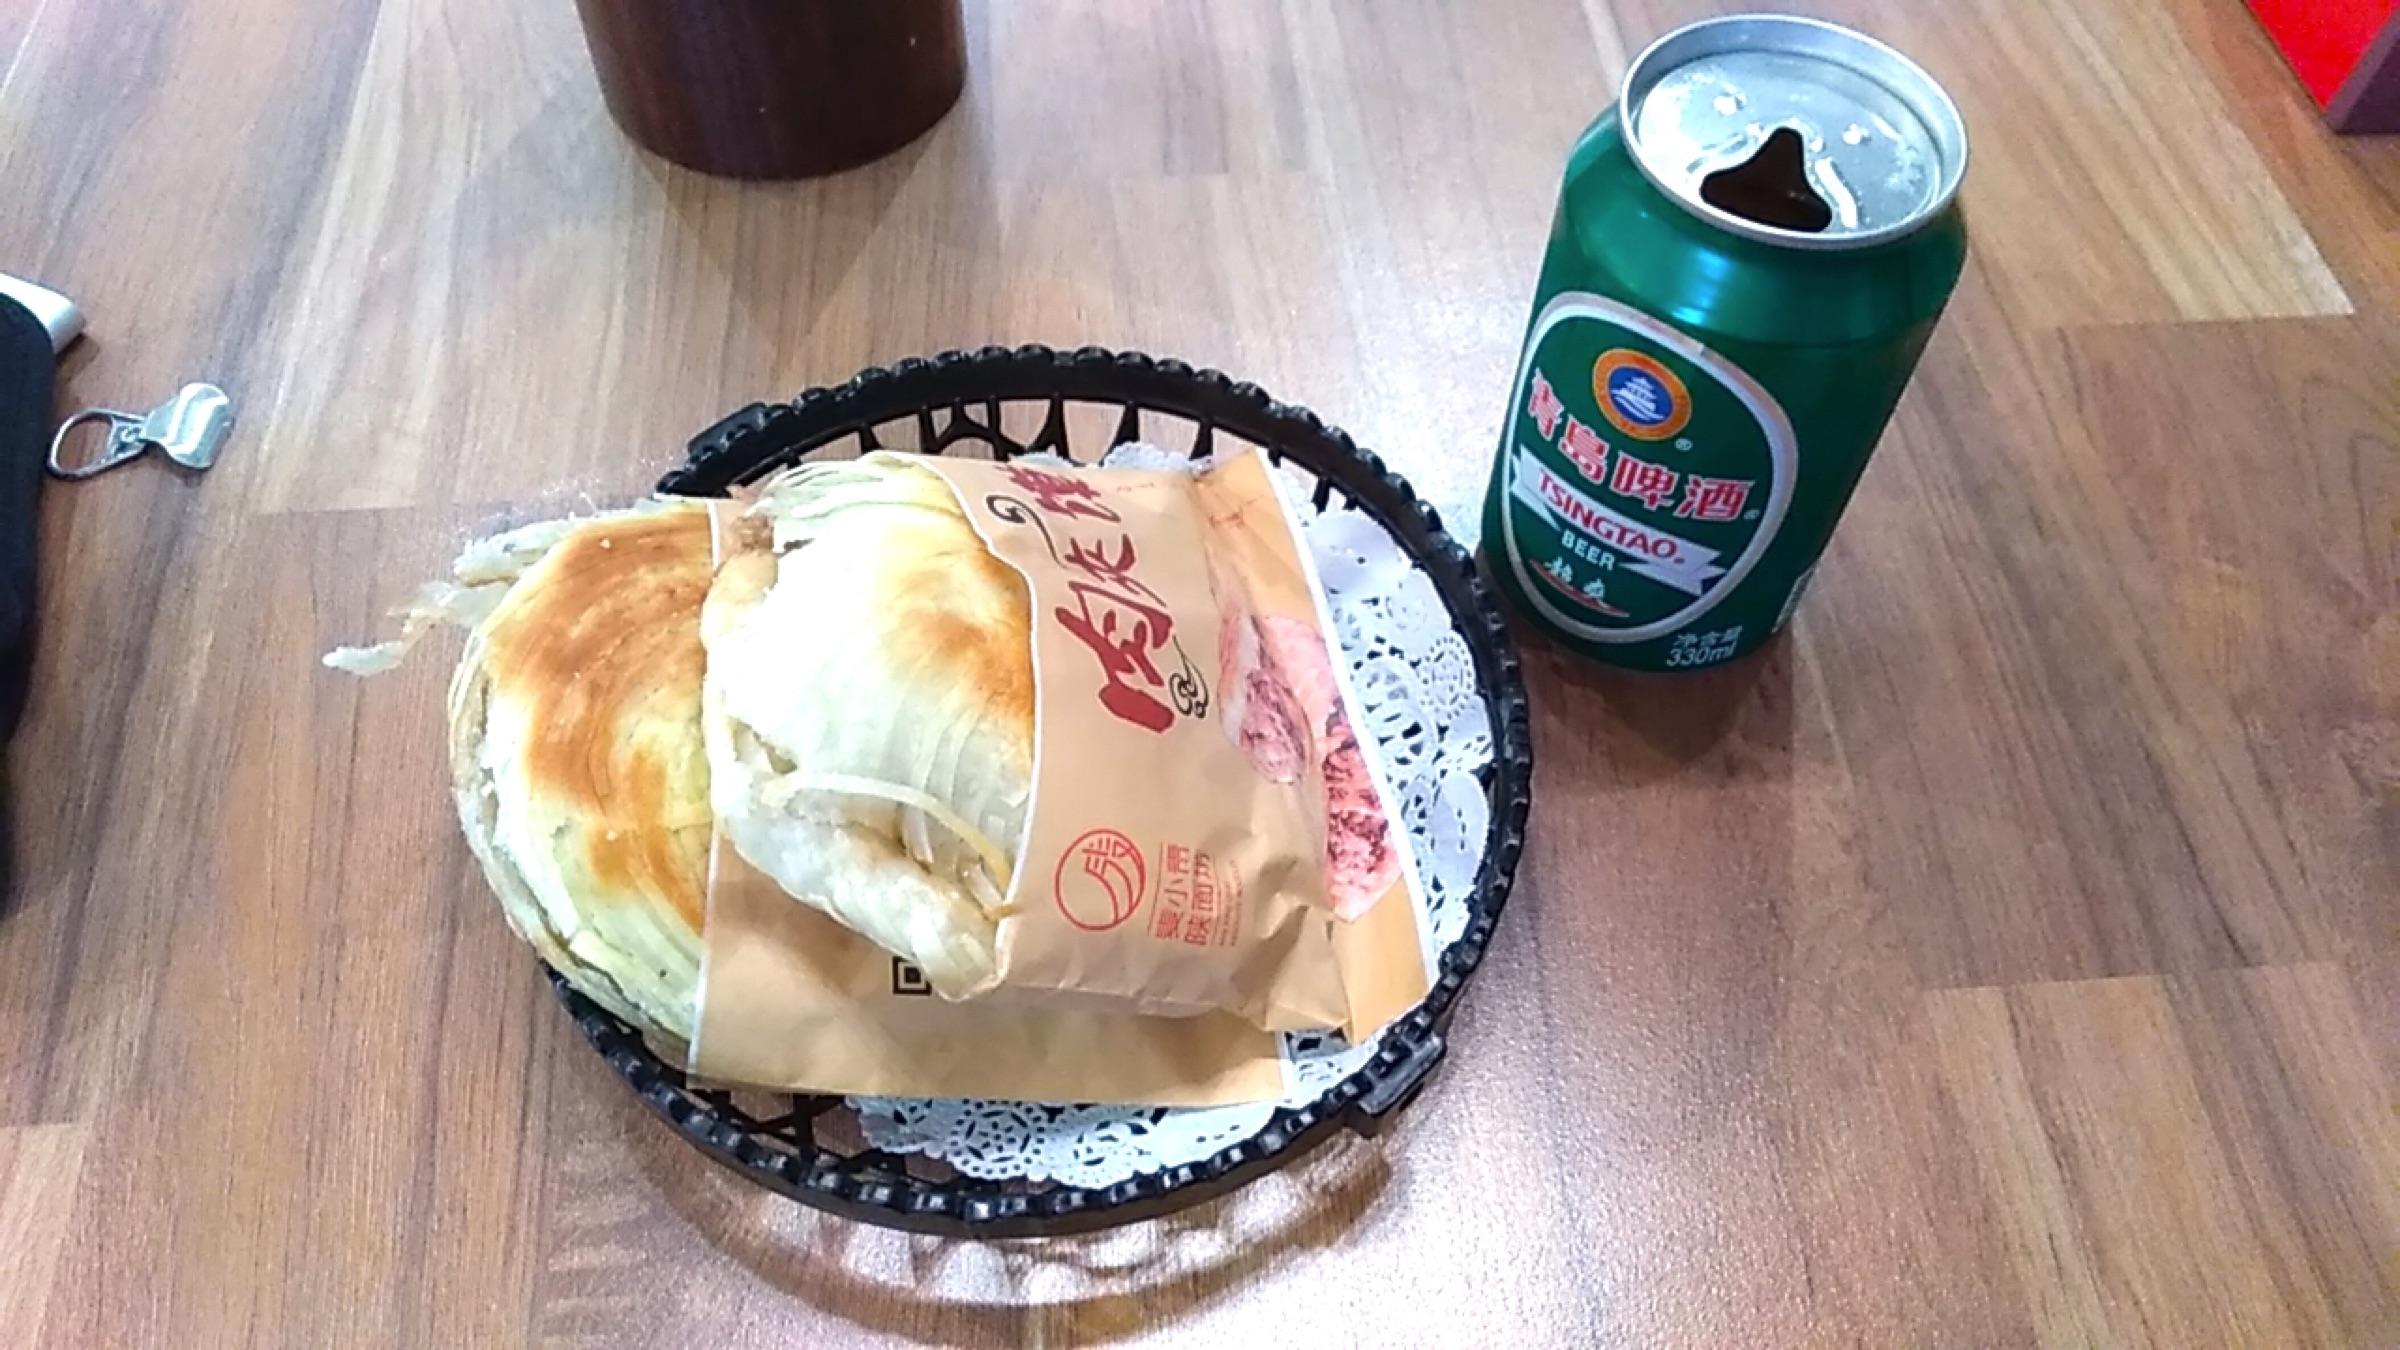 中国 深セン 福田の裏通りの飲食店で夕ご飯 青島ビールと肉サンド Shenzhen Futian DOWN TOWN_[0]